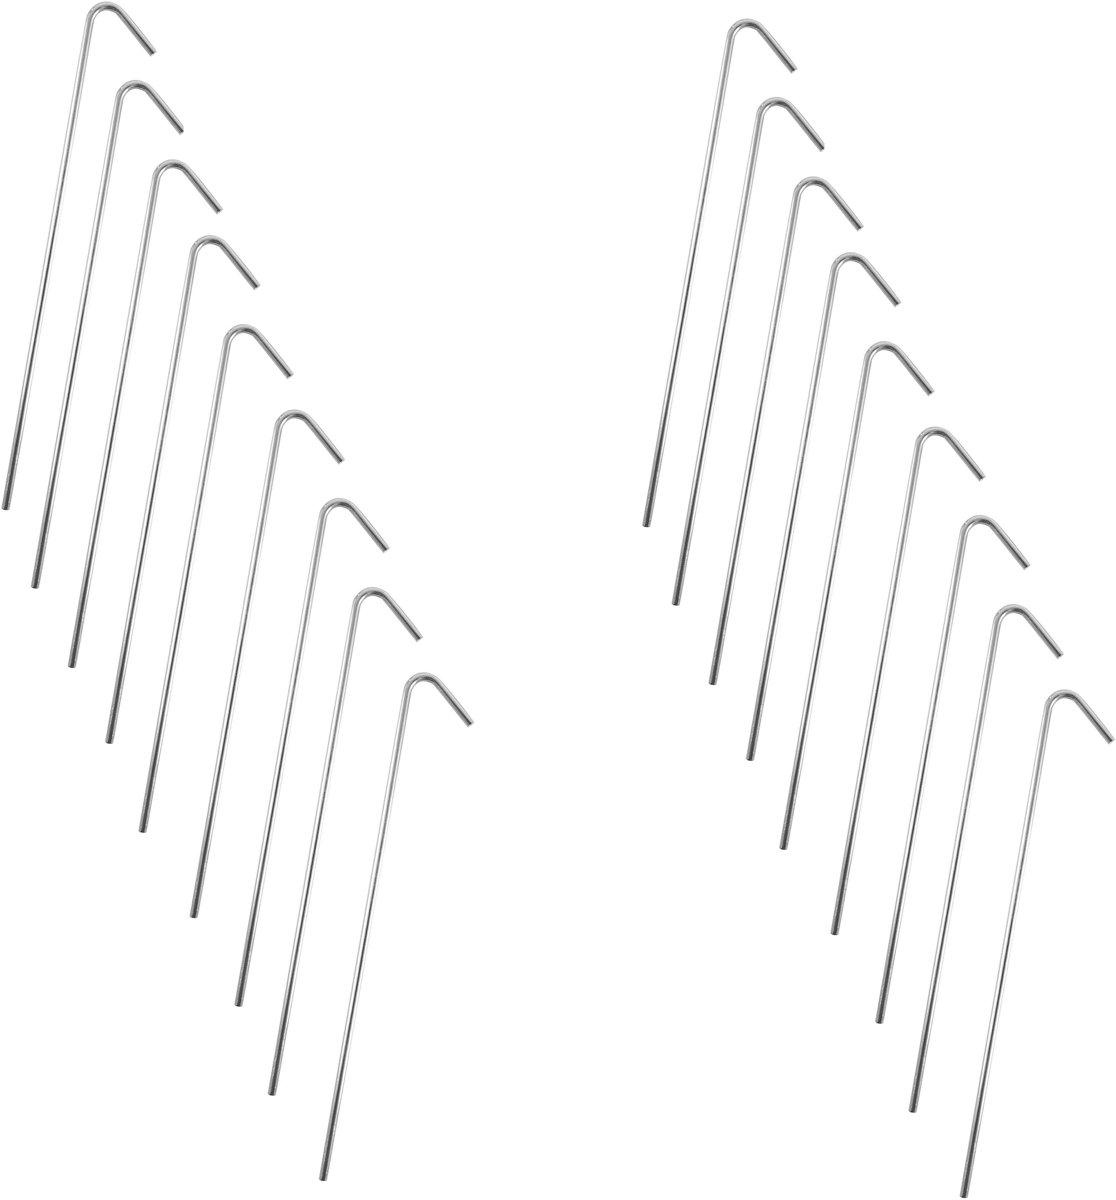 Stalen Tentharingen Set - 18 stuks - 23 cm | Staal | Opzetten Tent | Tentspijkers | Tentspijker | Haringen | Tentharing | Haring | Camping | Kamperen kopen